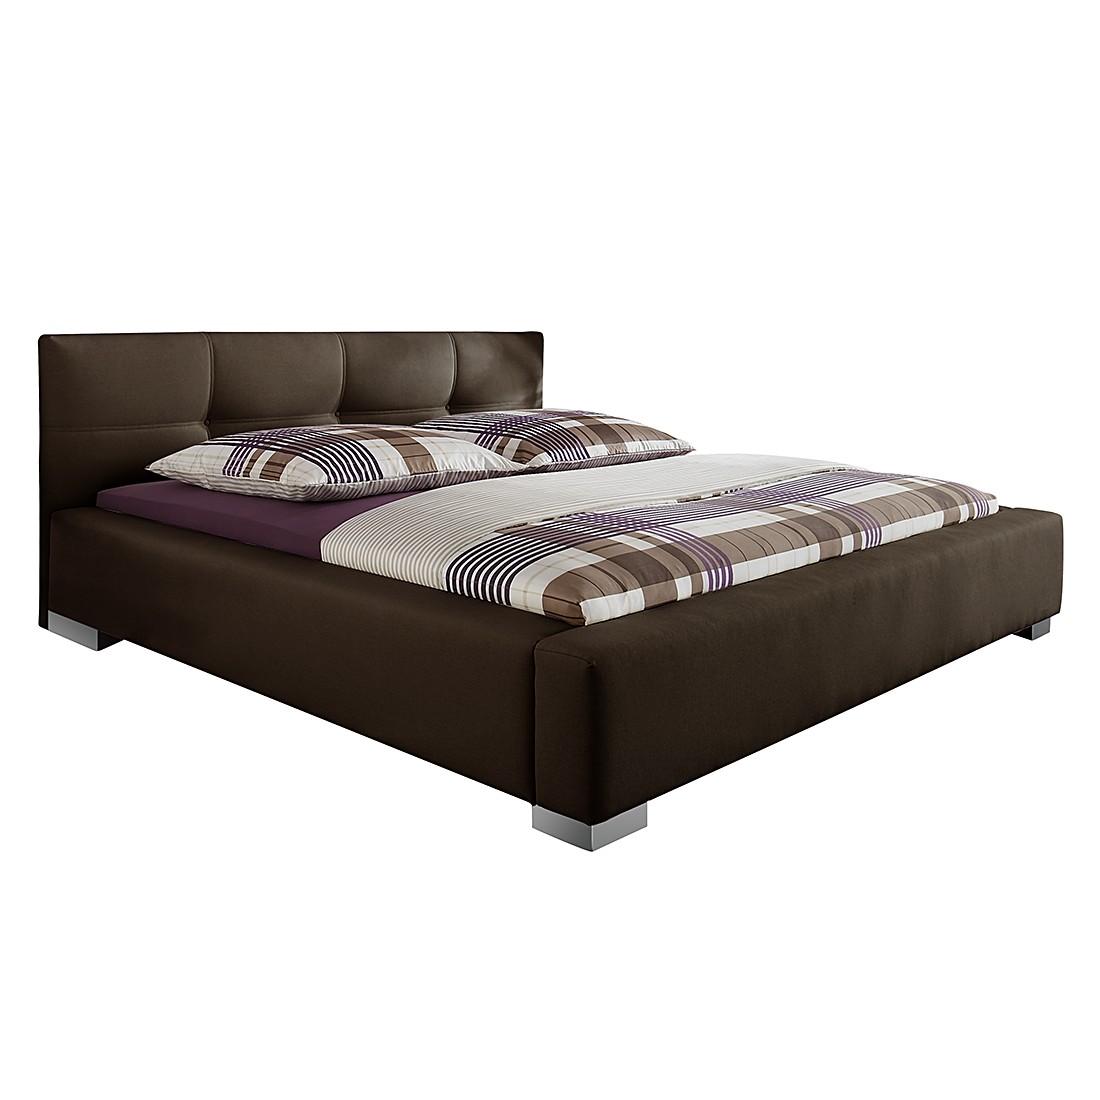 Lit capitonné Luca - 140 x 200cm - Structure de lit sans matelas et sommier - Marron, Monaco